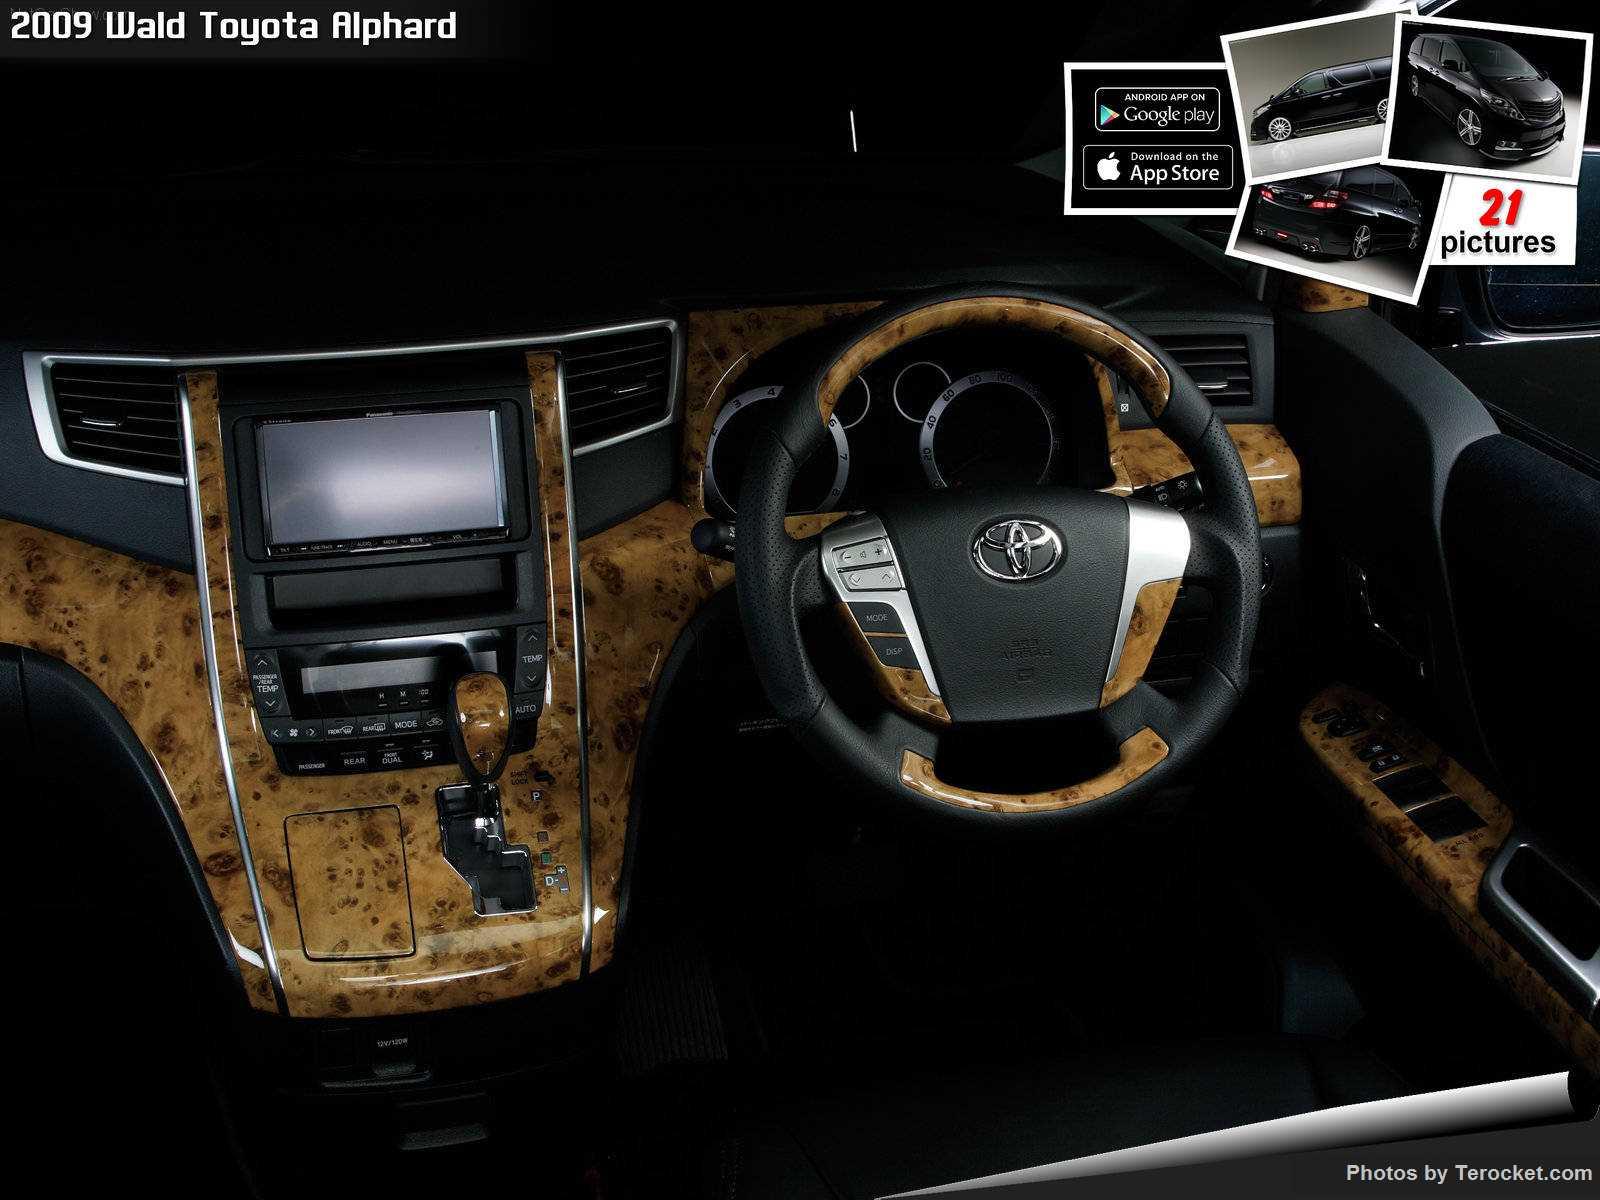 Hình ảnh xe độ Wald Toyota Alphard 2009 & nội ngoại thất